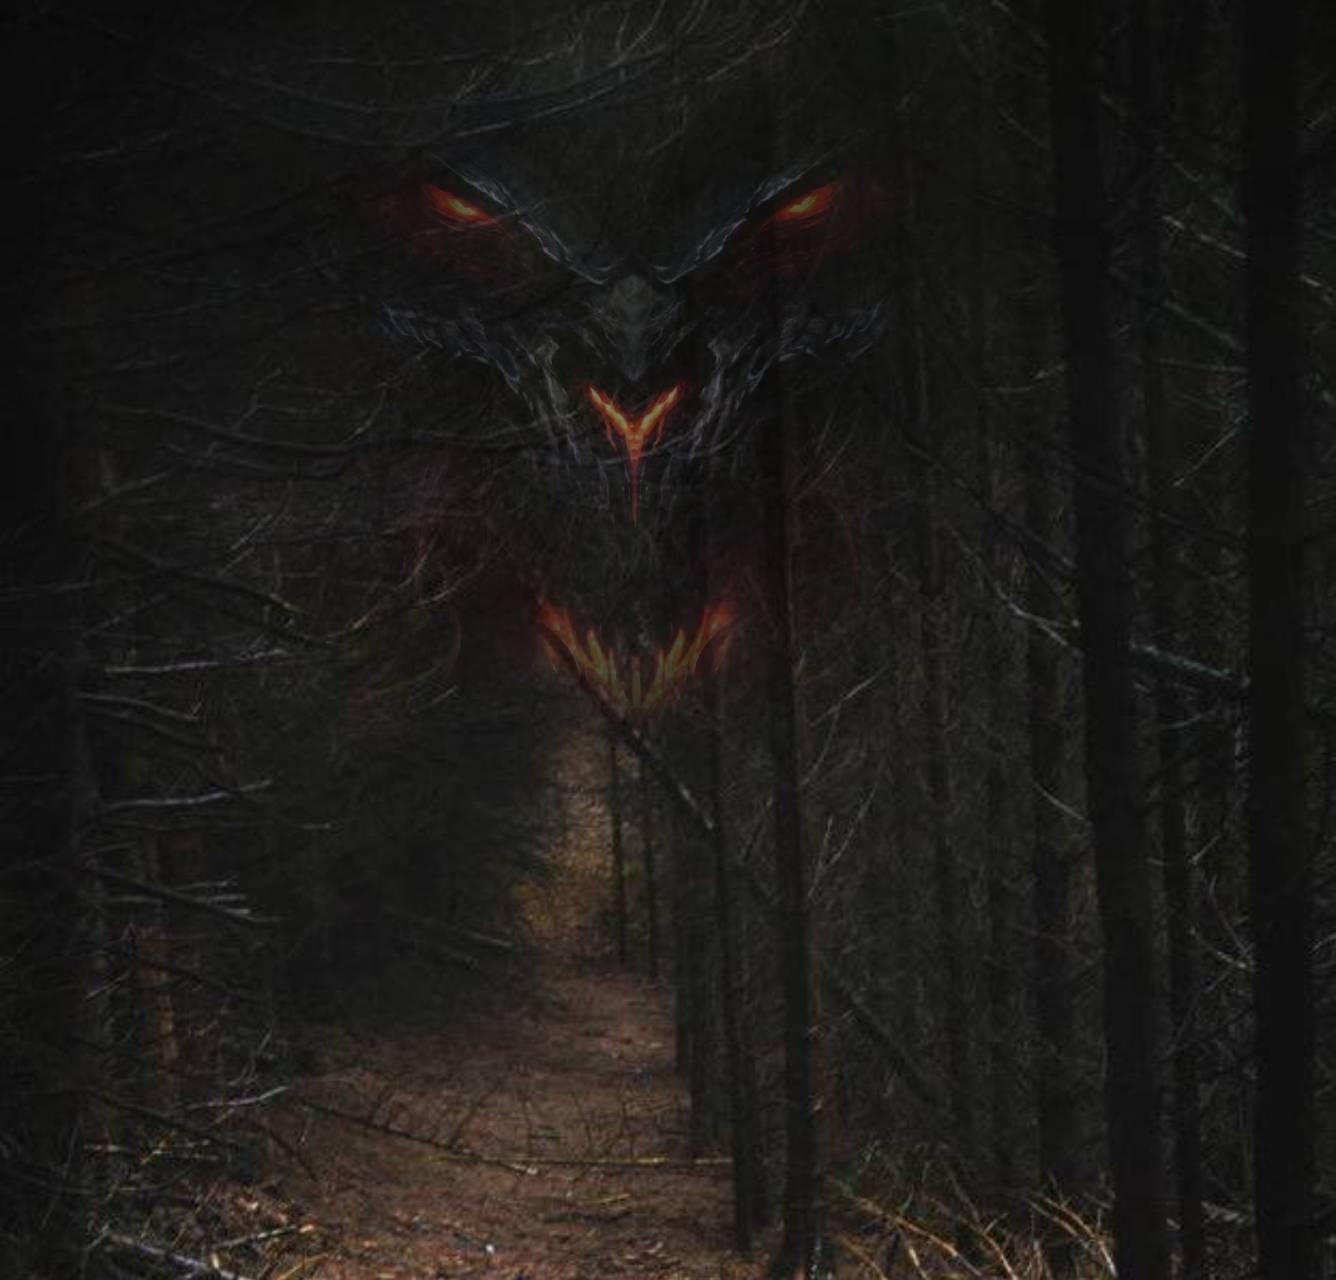 Creepy woods